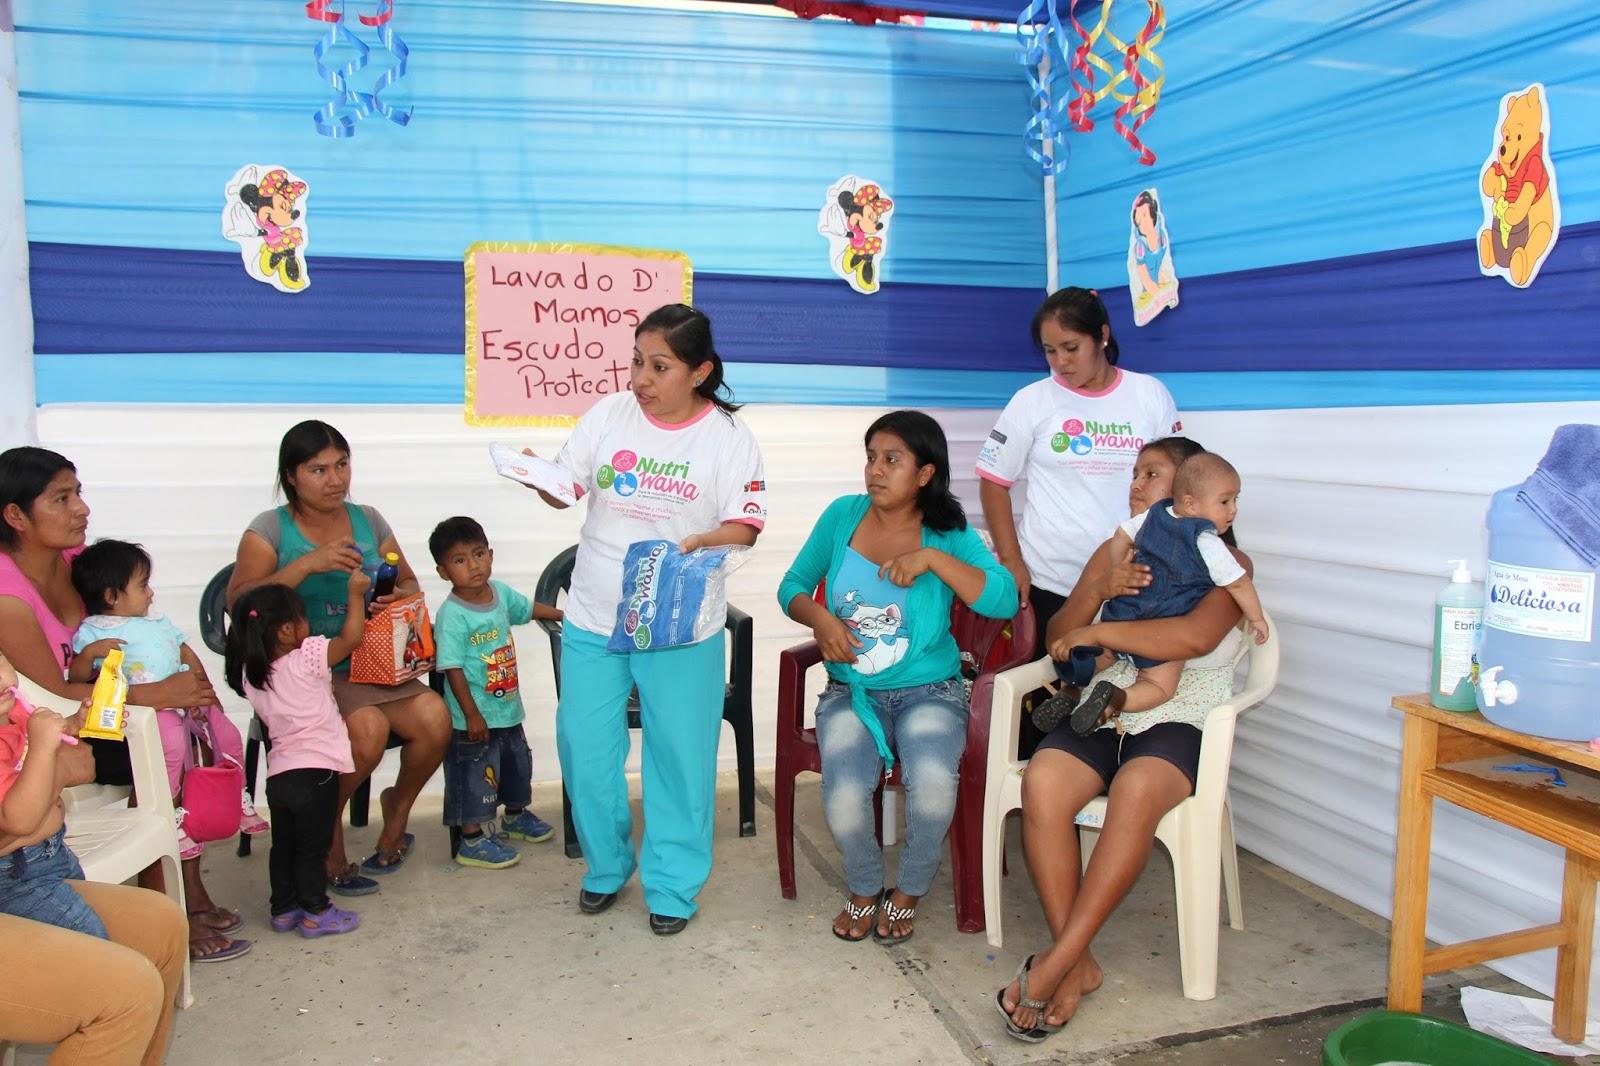 Municipalidad la matanza organiza la feria nutricional for Municipalidad la matanza